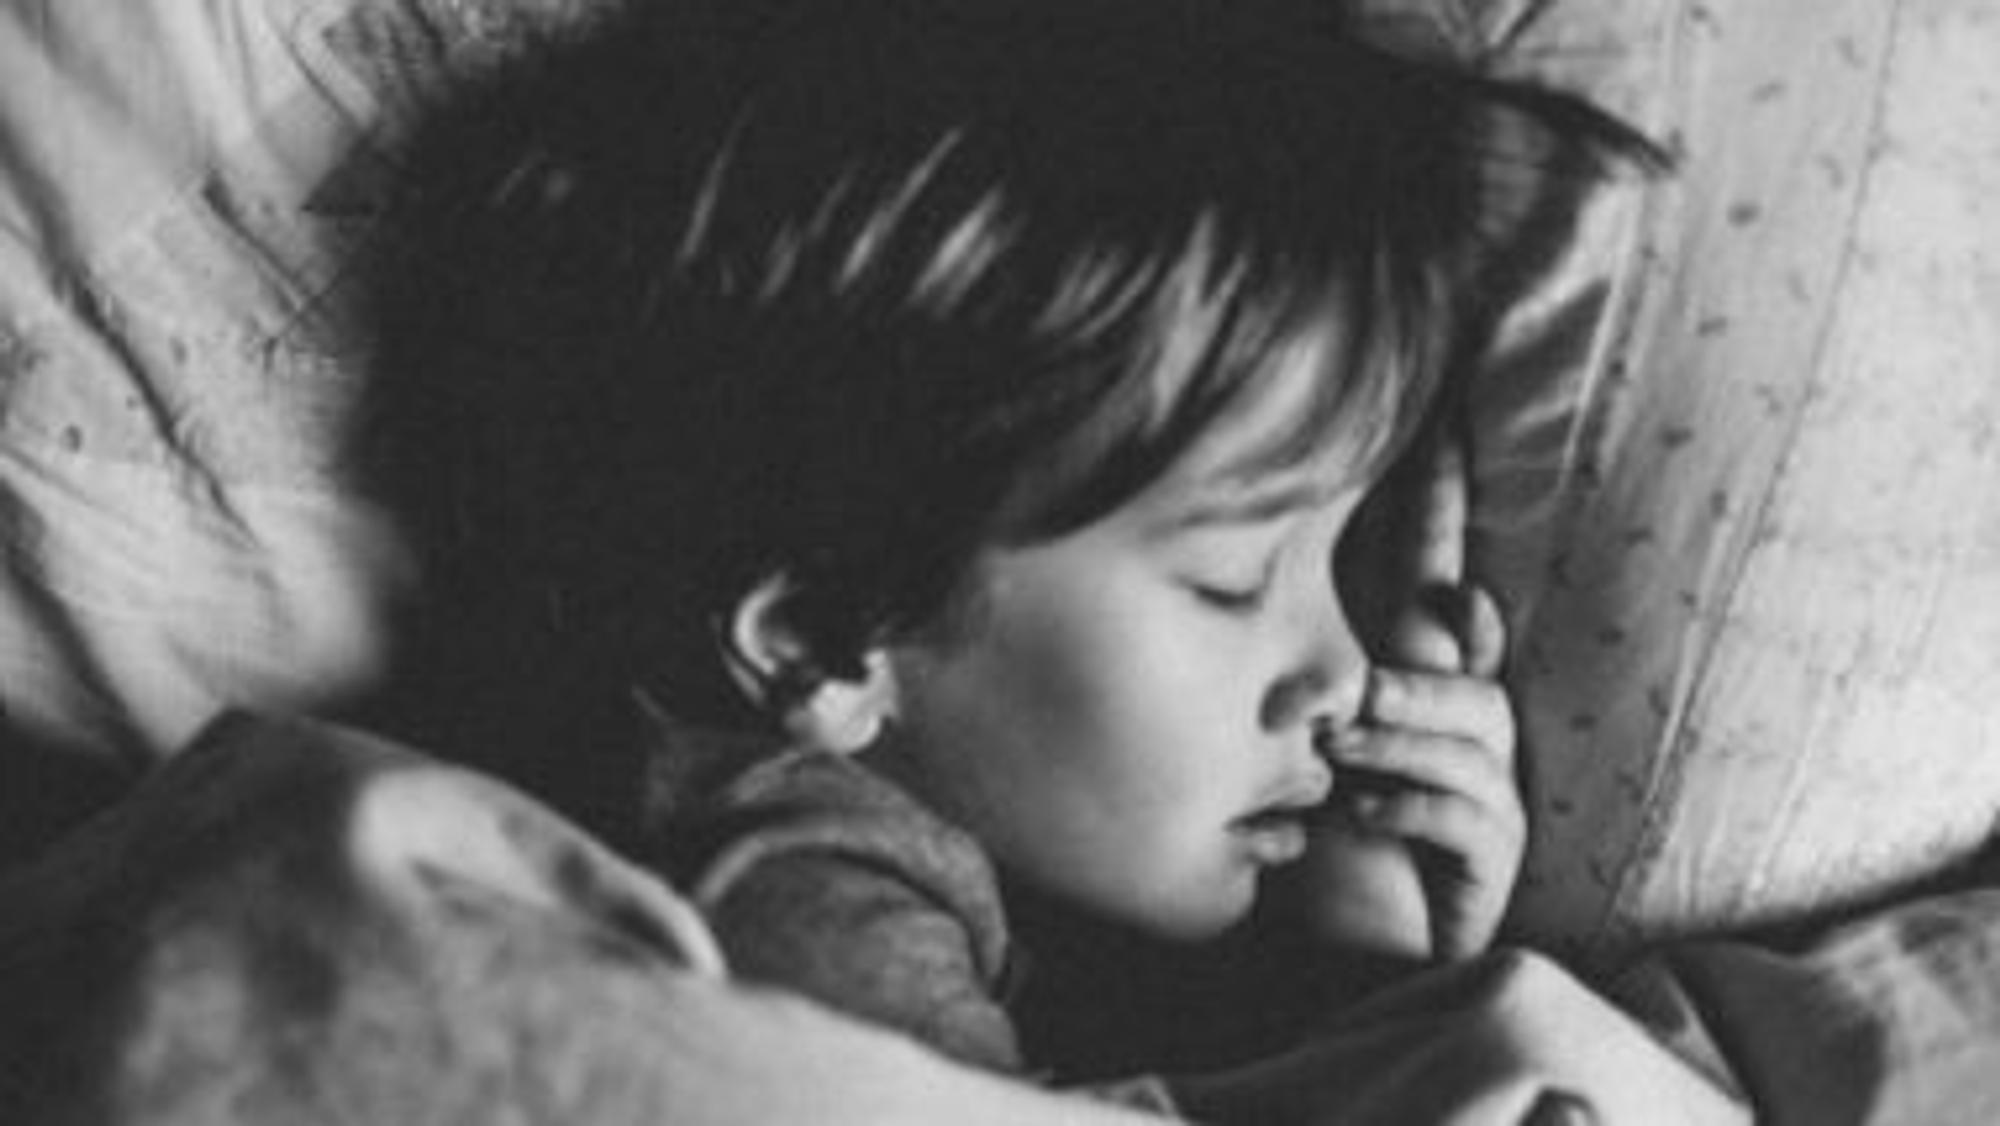 Kleinkind schläft kurz vor Nachtschreck